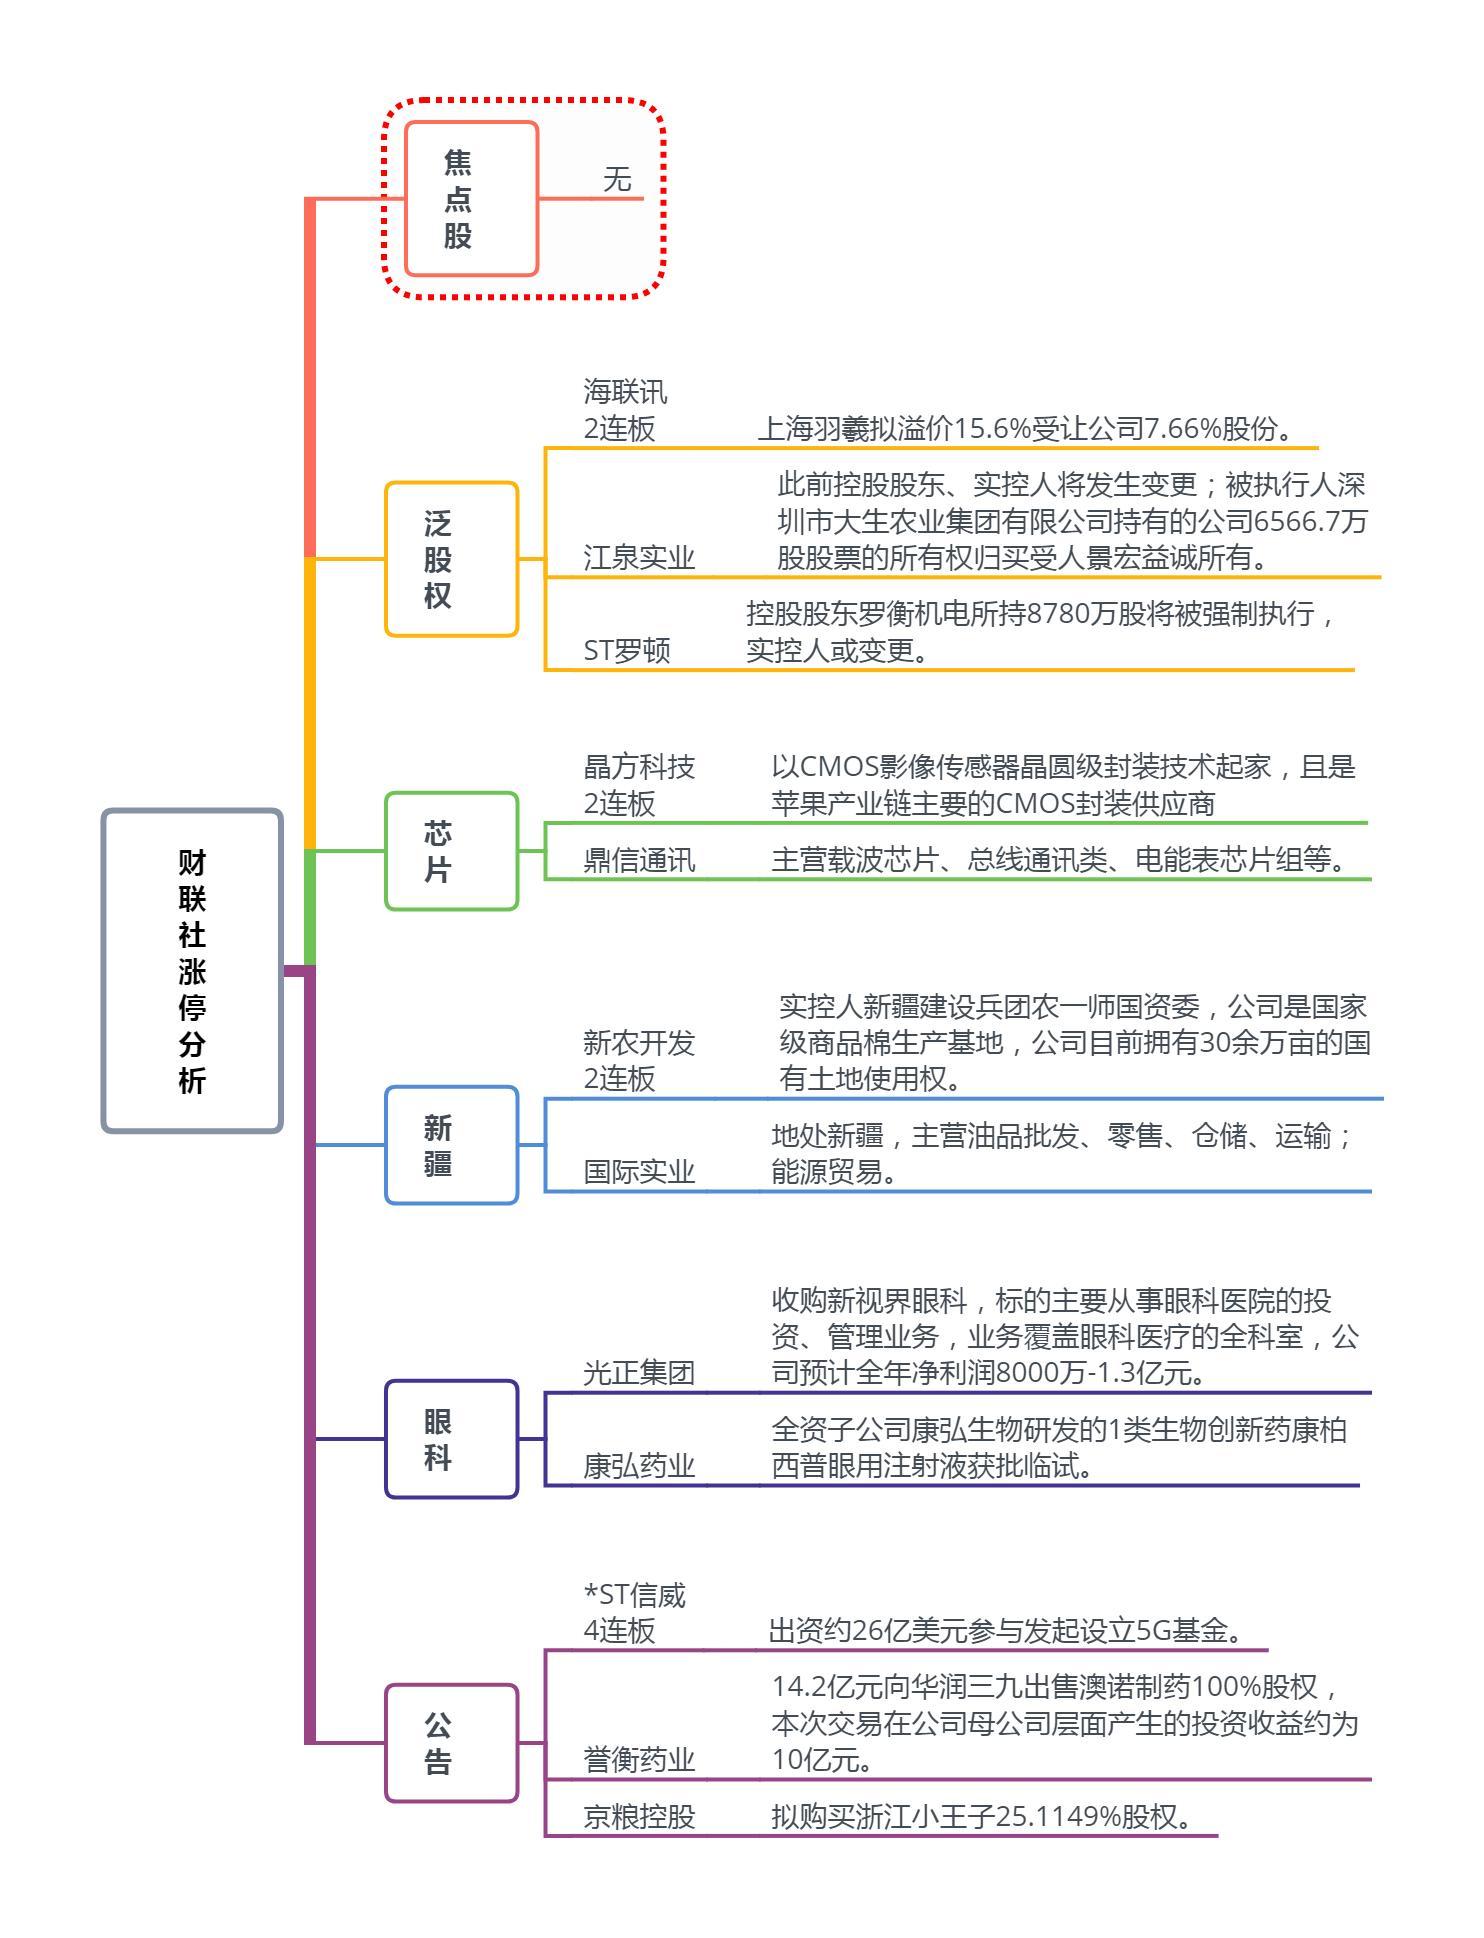 【财联社午报】沪市早盘仅成交675亿 题材轮动缺合力